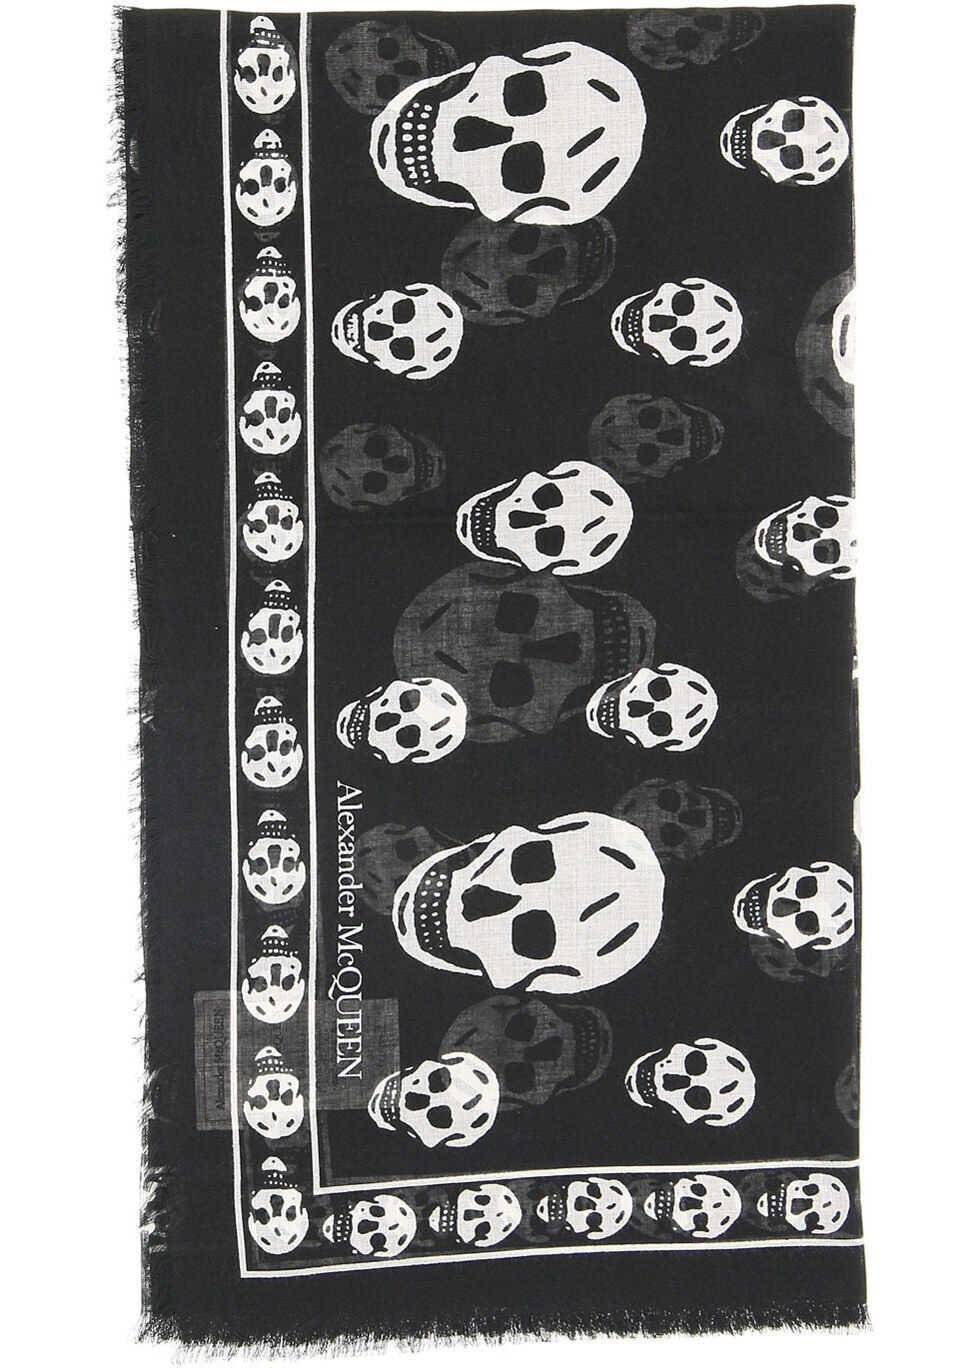 Alexander McQueen Skull Scarf BLACK IVORY